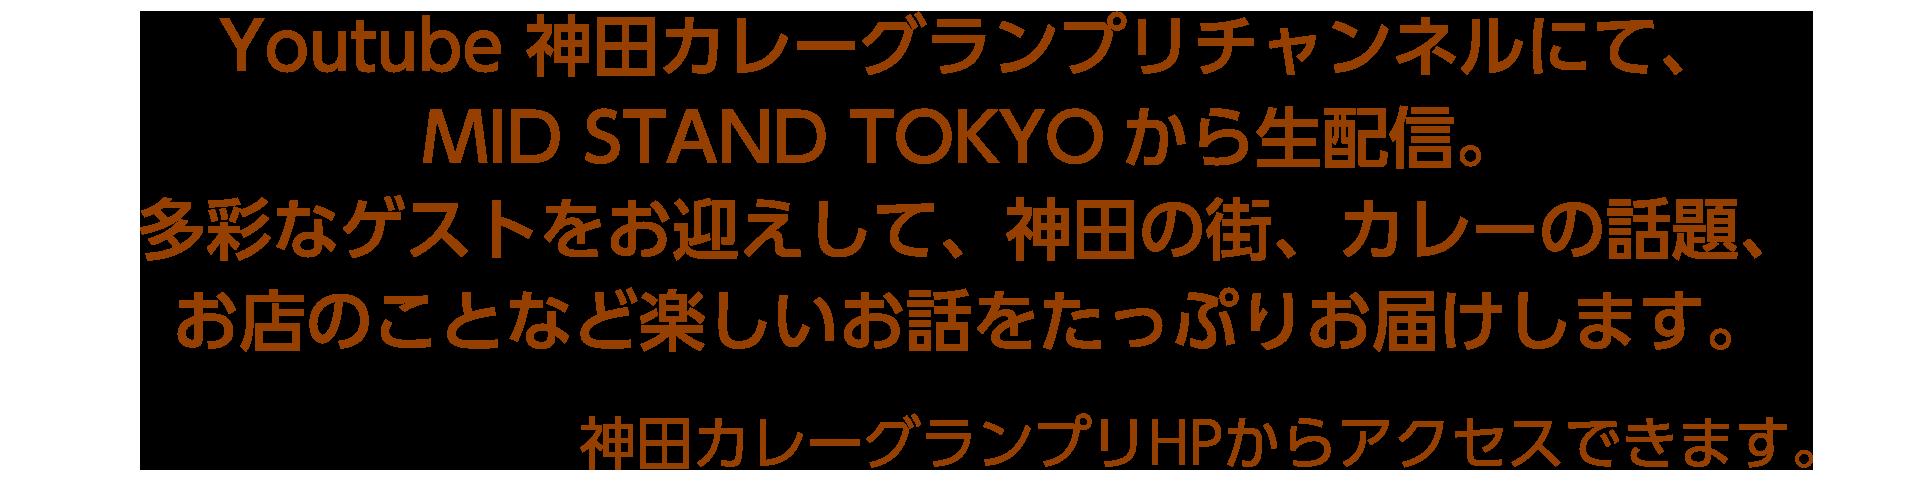 Youtube神田カレーグランプリチャンネルから生配信 多彩なゲストをお迎えして、神田の街、カレーの話題、お店のことなど楽しいお話したっぷり